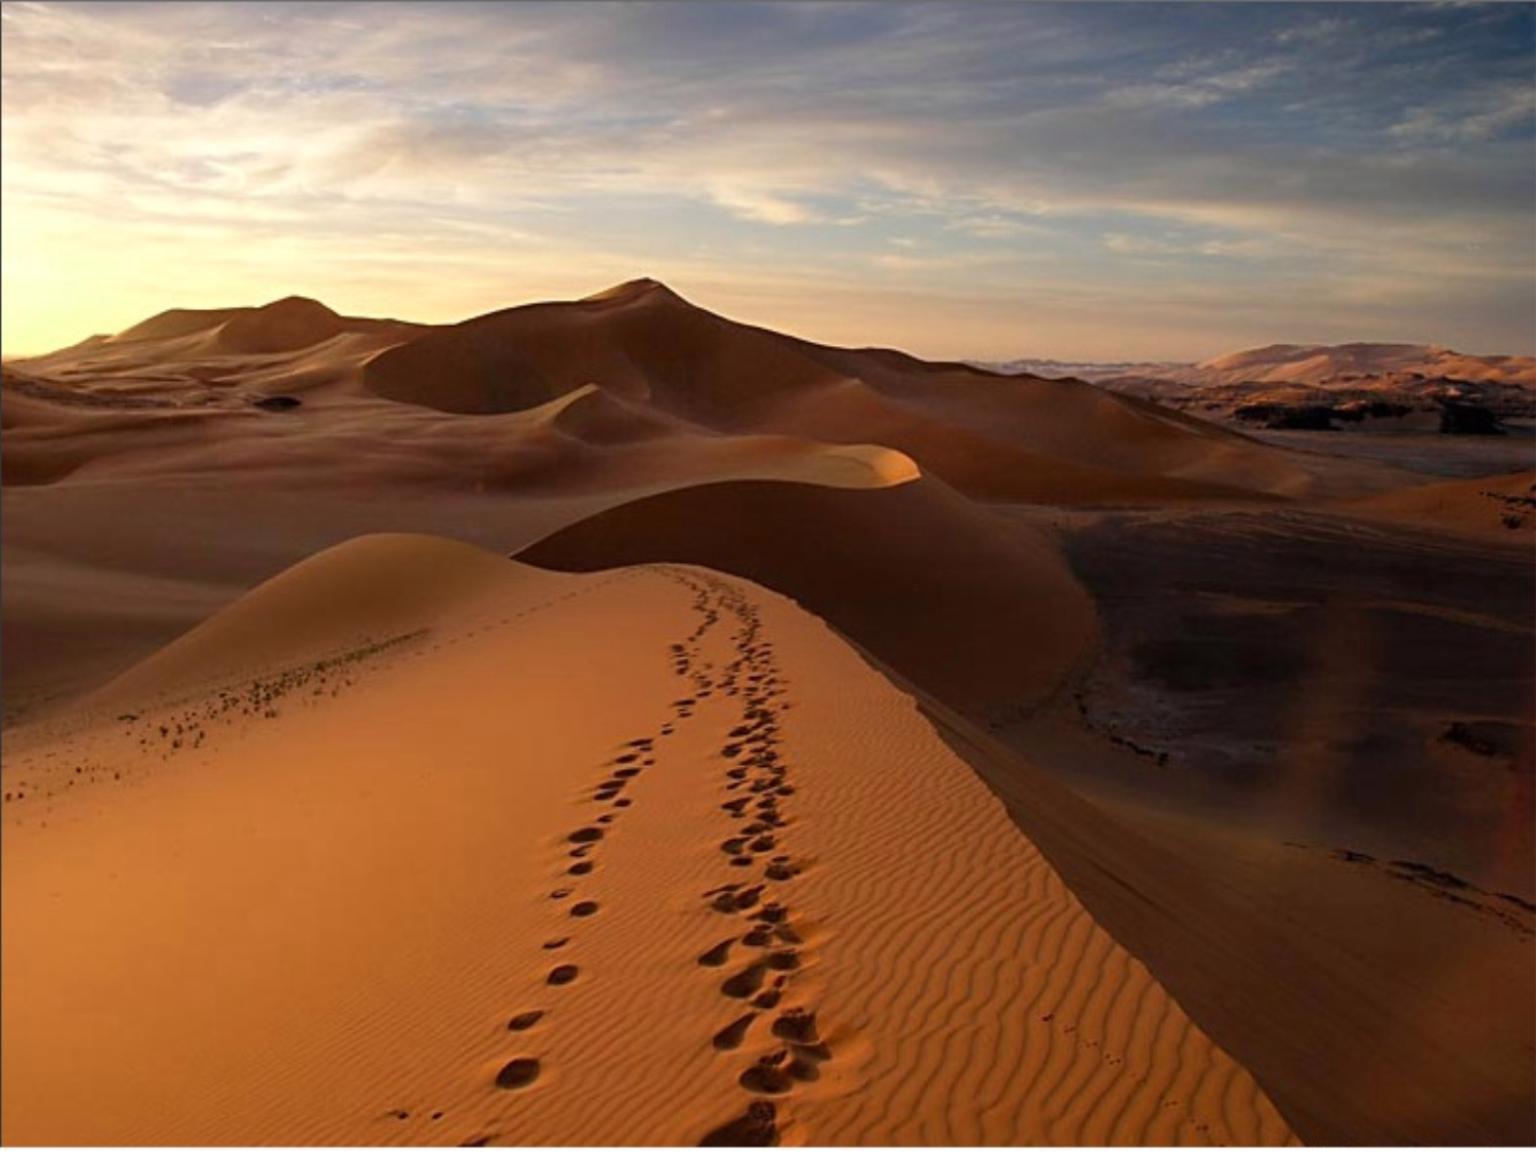 Hotel-ERFOUD-Riad-ERFOUD-5-12084030052009-dune sahara.jpg